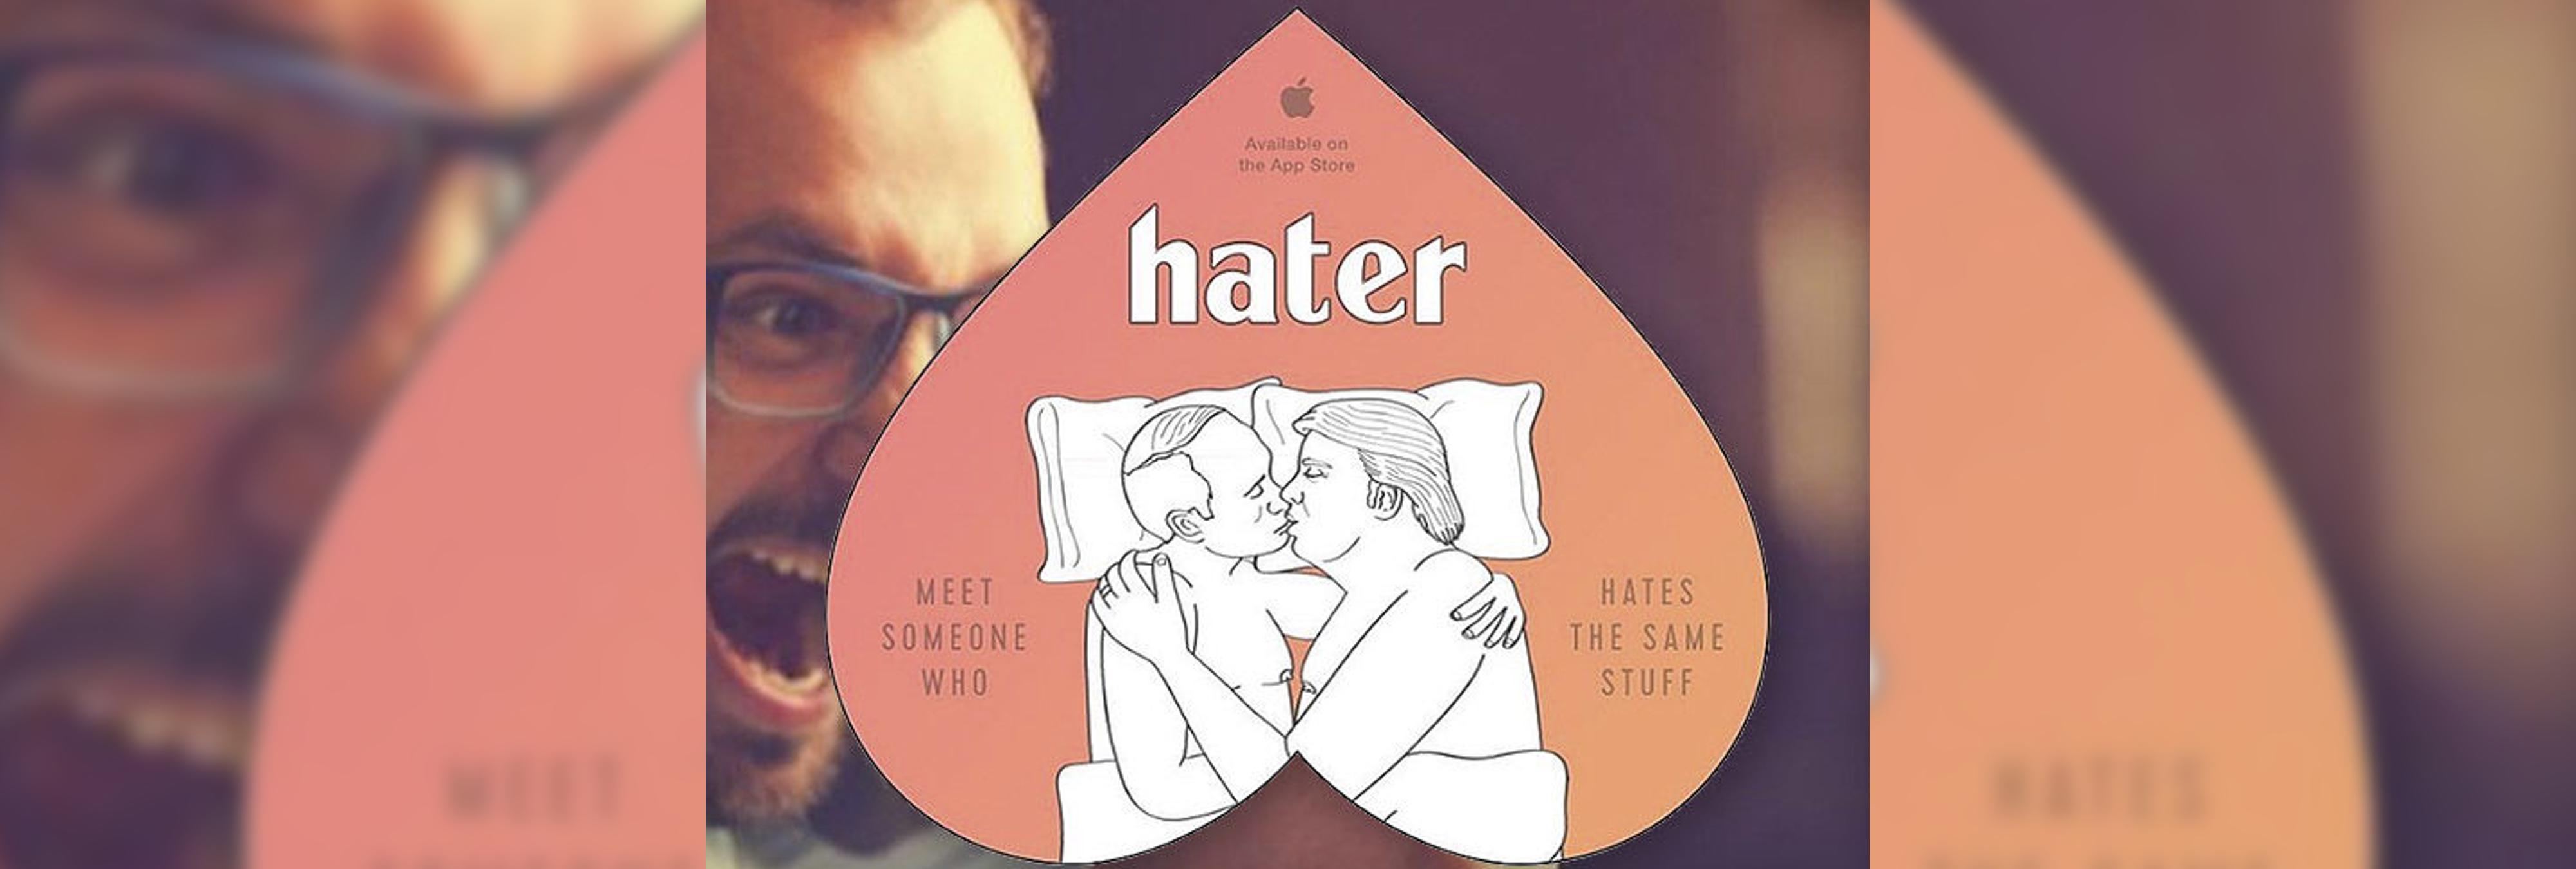 Hater, la app de contactos para personas que odian las mismas cosas